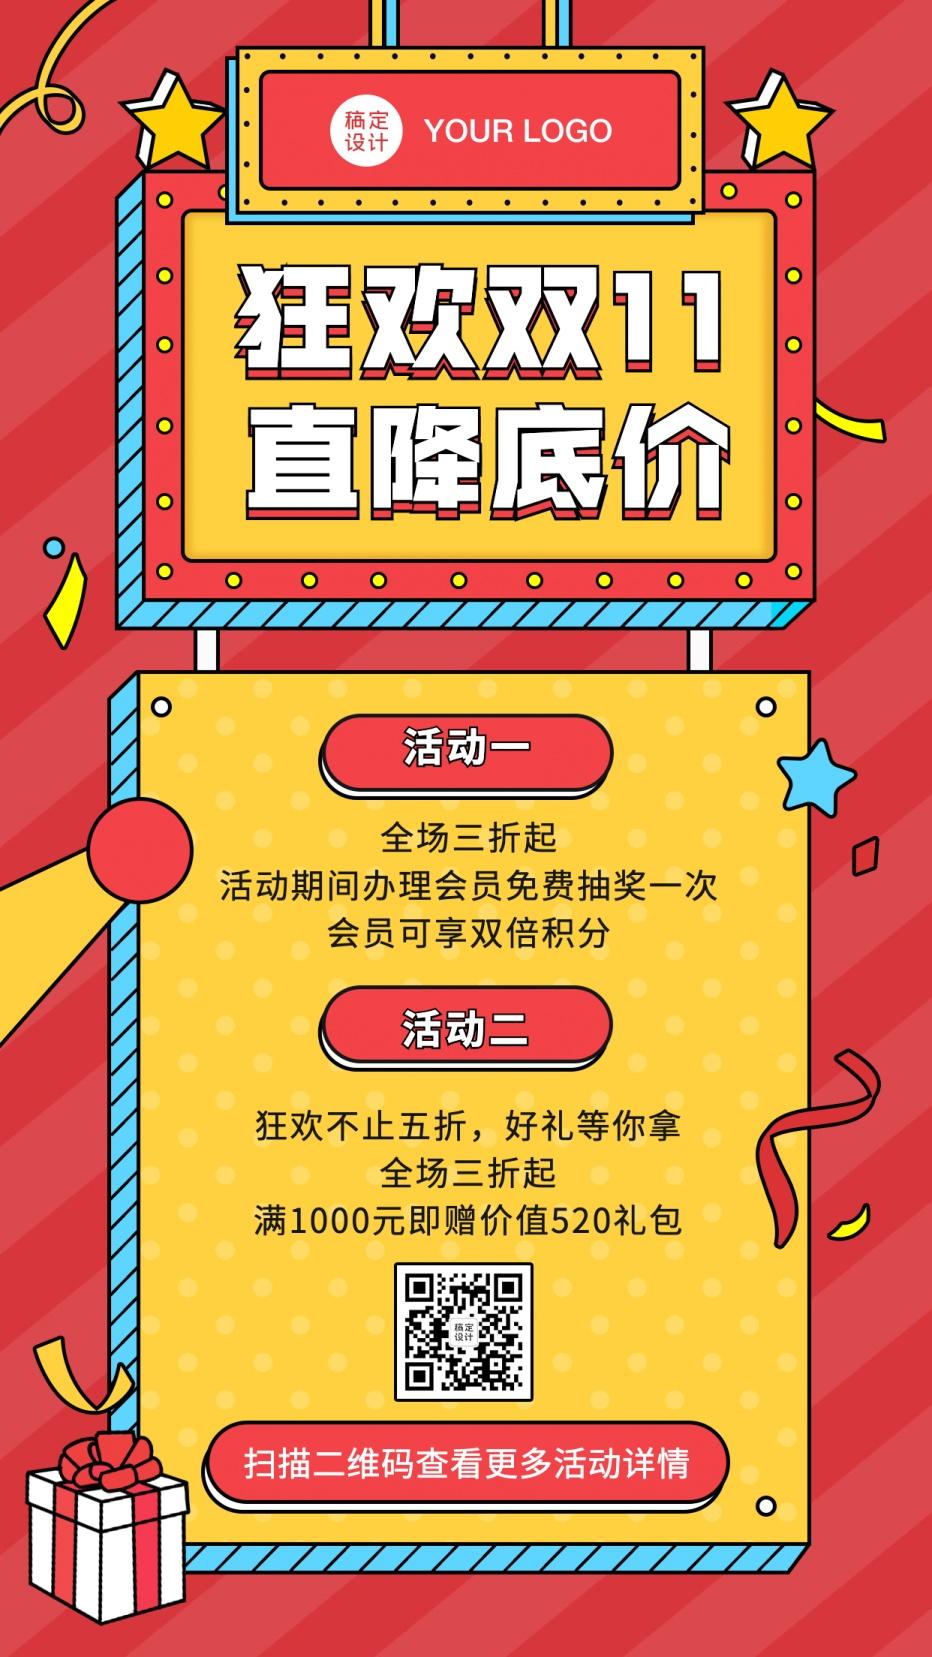 双十一促销购物活动手机海报